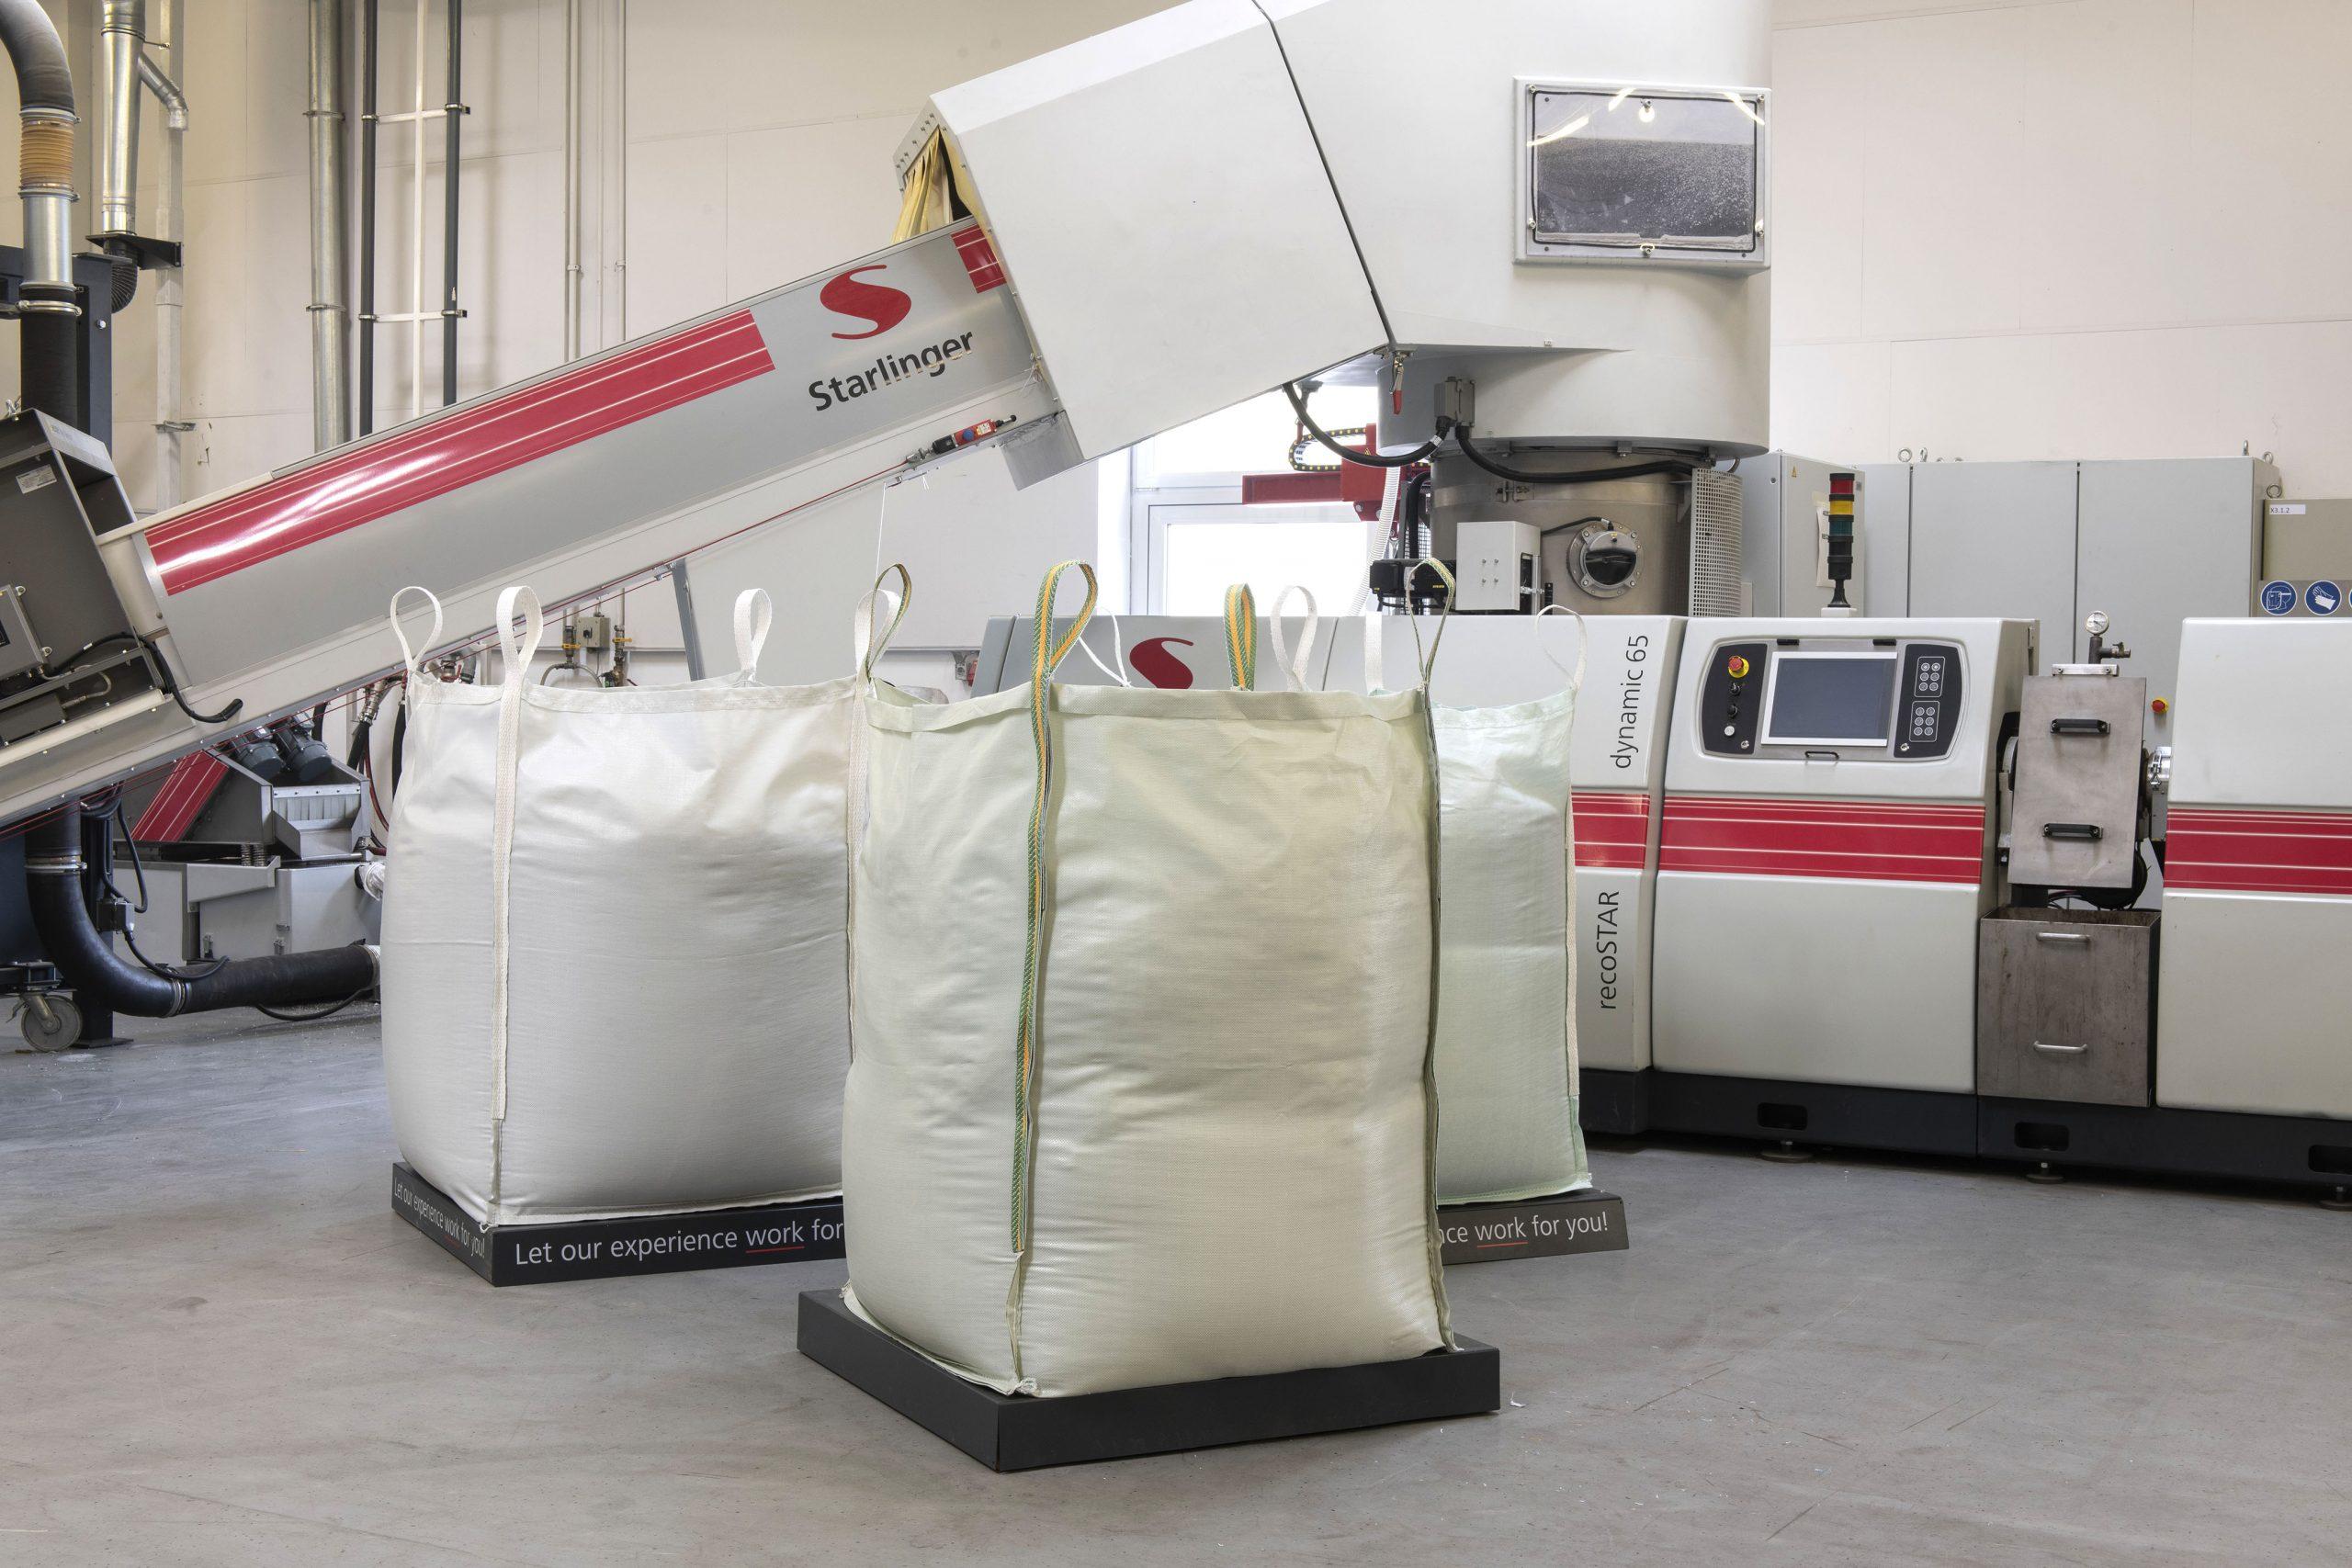 Ein geschlossener Verpackungskreislauf für industrielle Schüttgüter von Starlinger